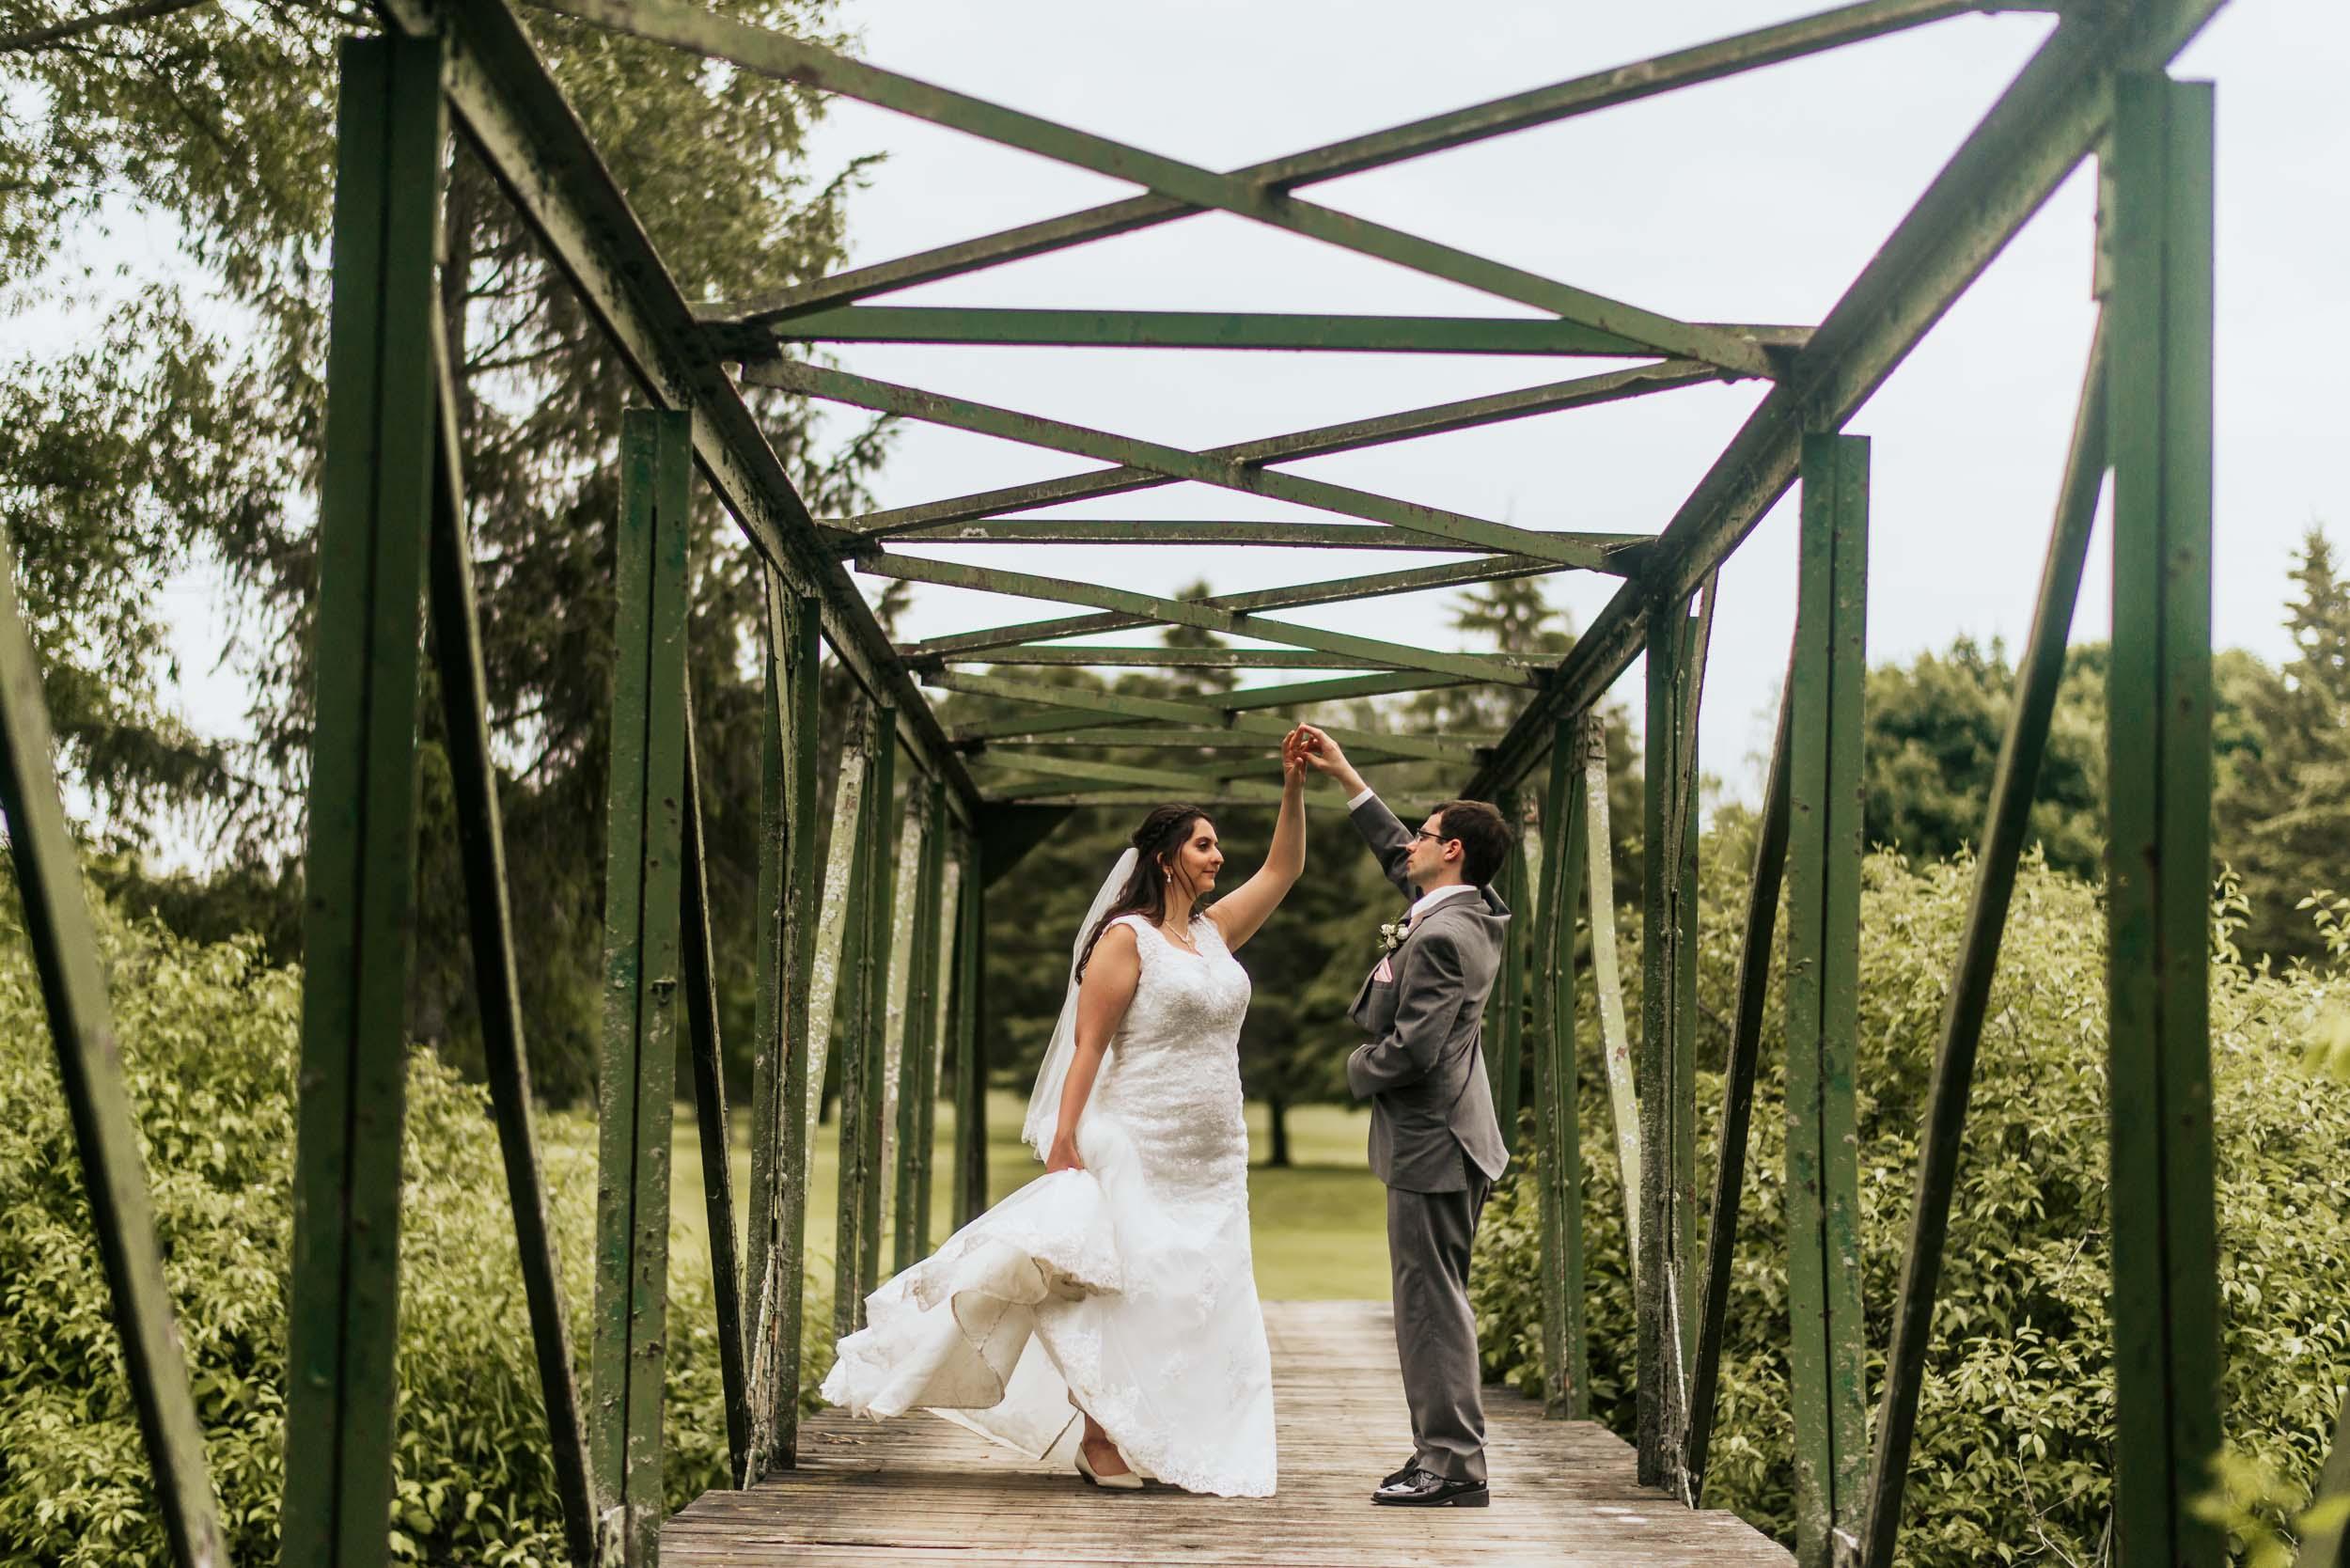 wedding-photography-stratford-davidiam-024.jpg